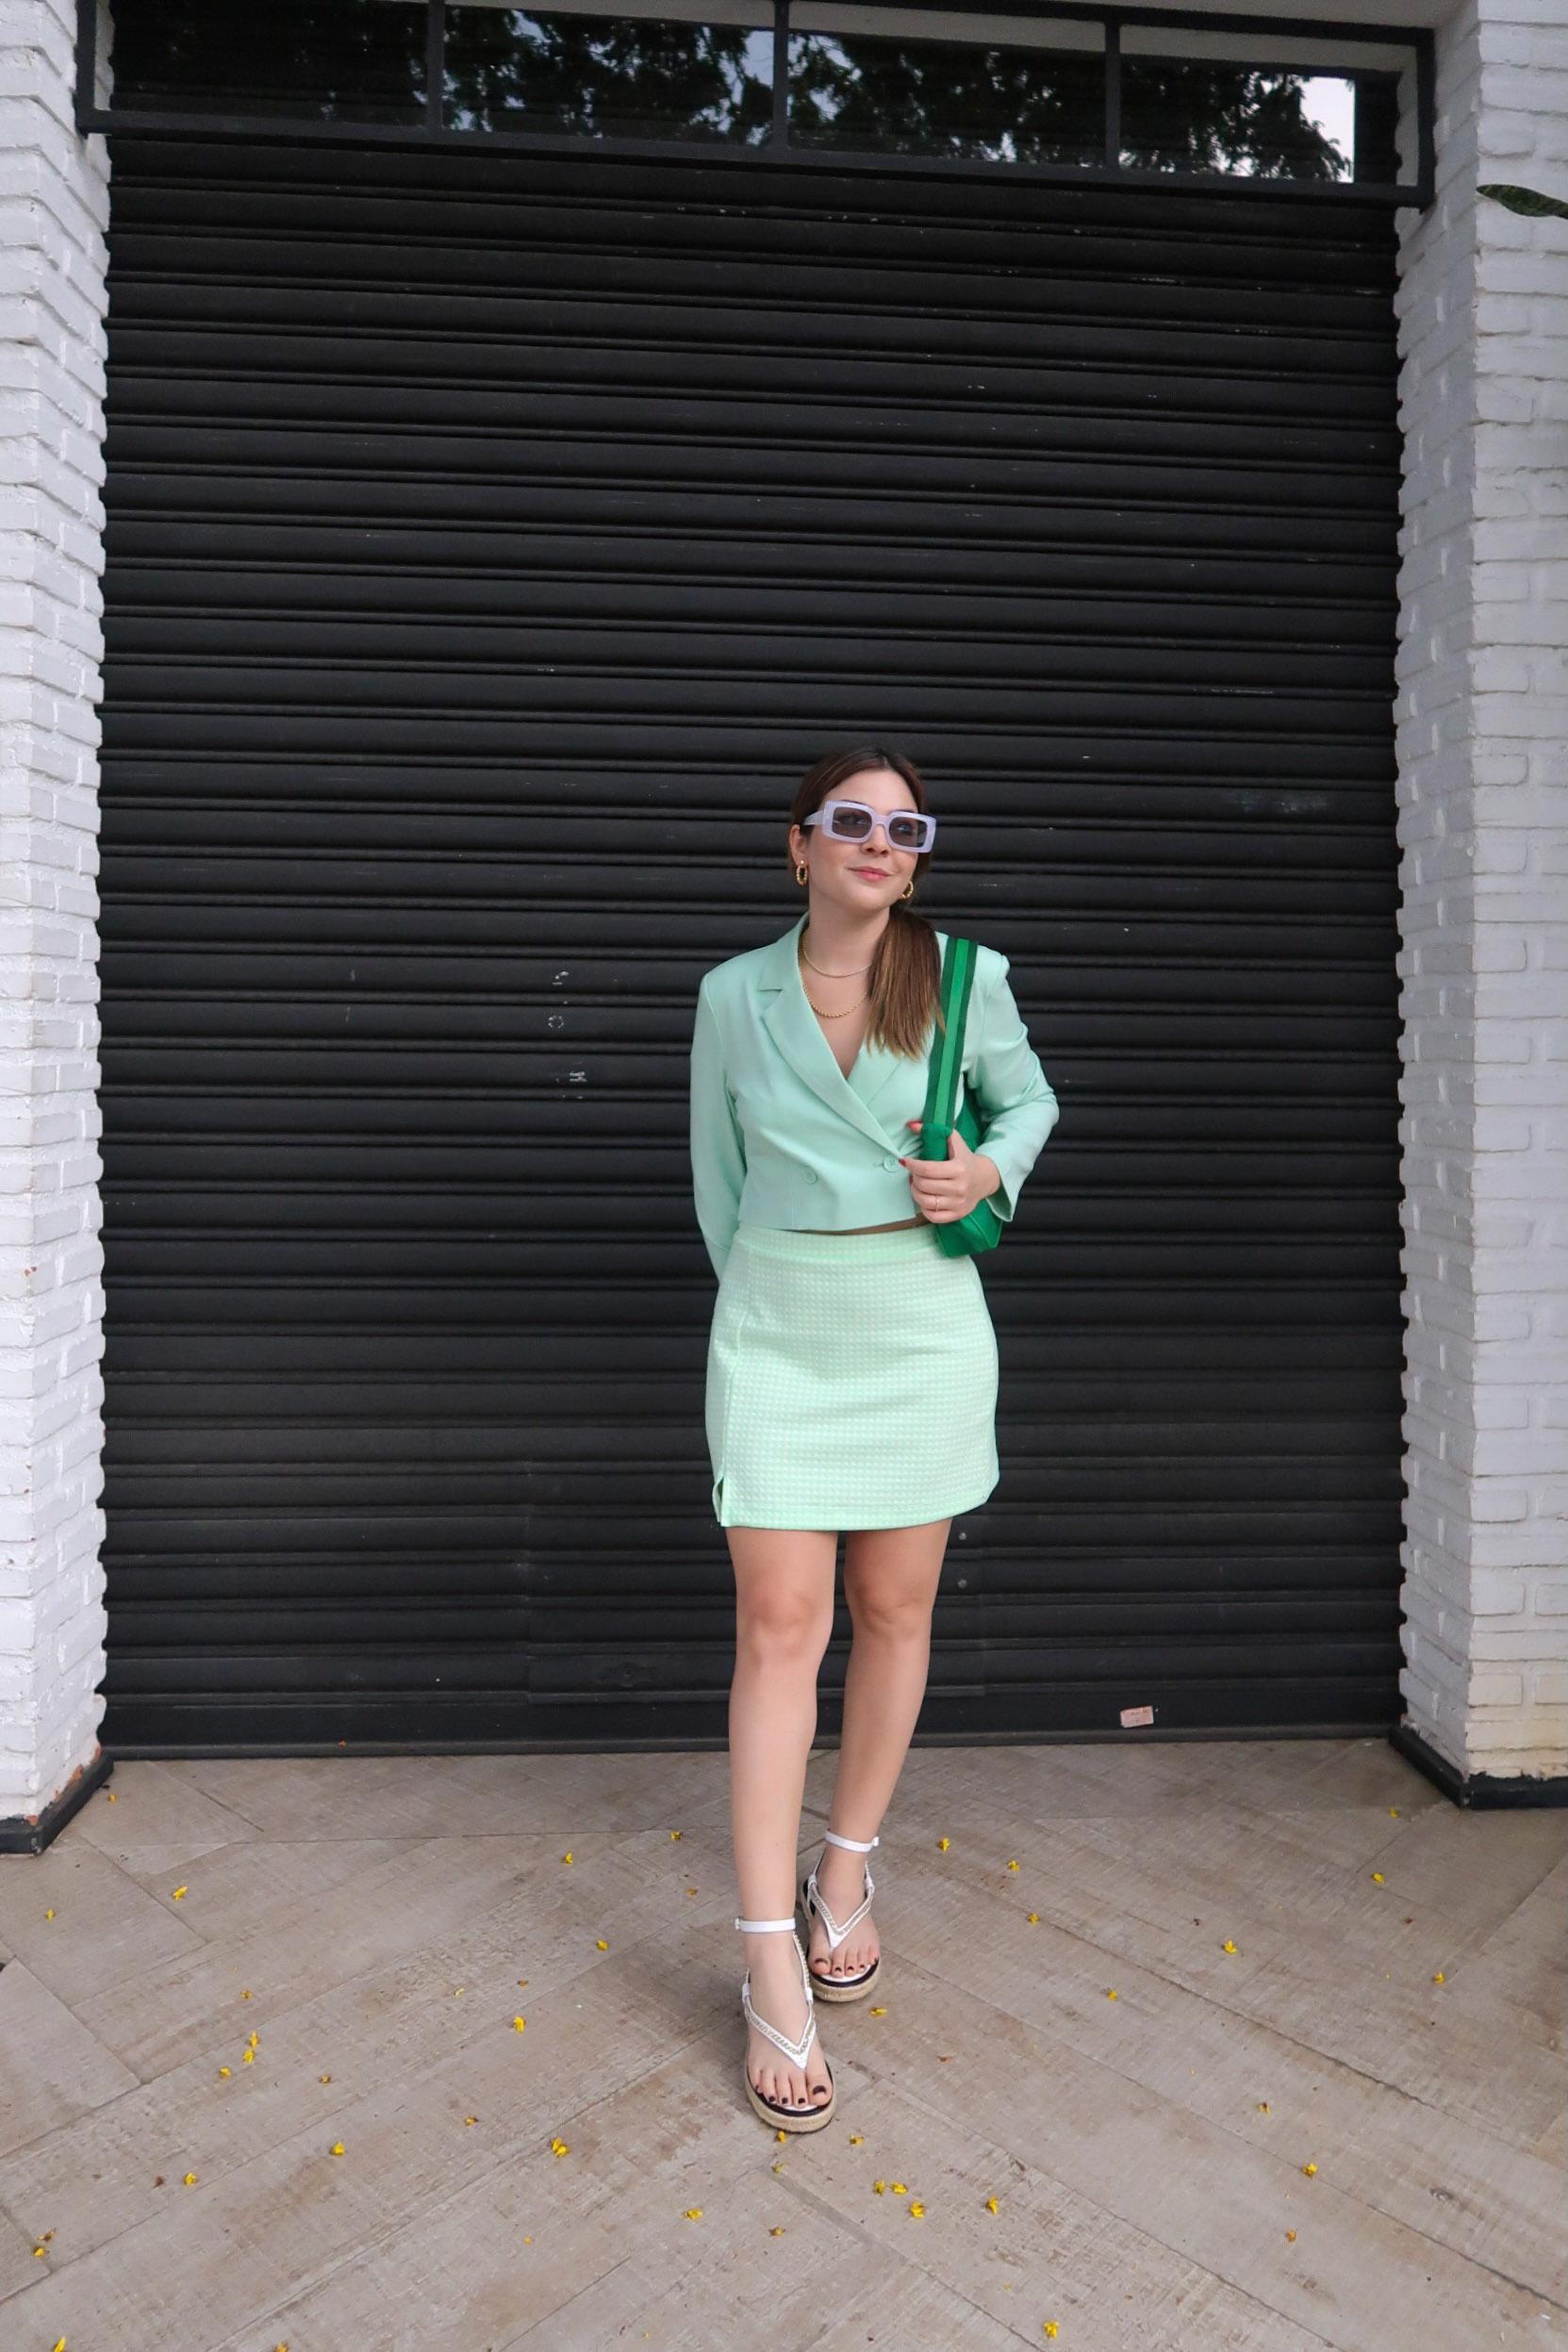 Look Blazer Cropped, Blazer Cropped, Look Blazer Cropped Verde, Look Blazer Cropped Menta, sandalia chanel inspired, bolsa verde, oculos retangular